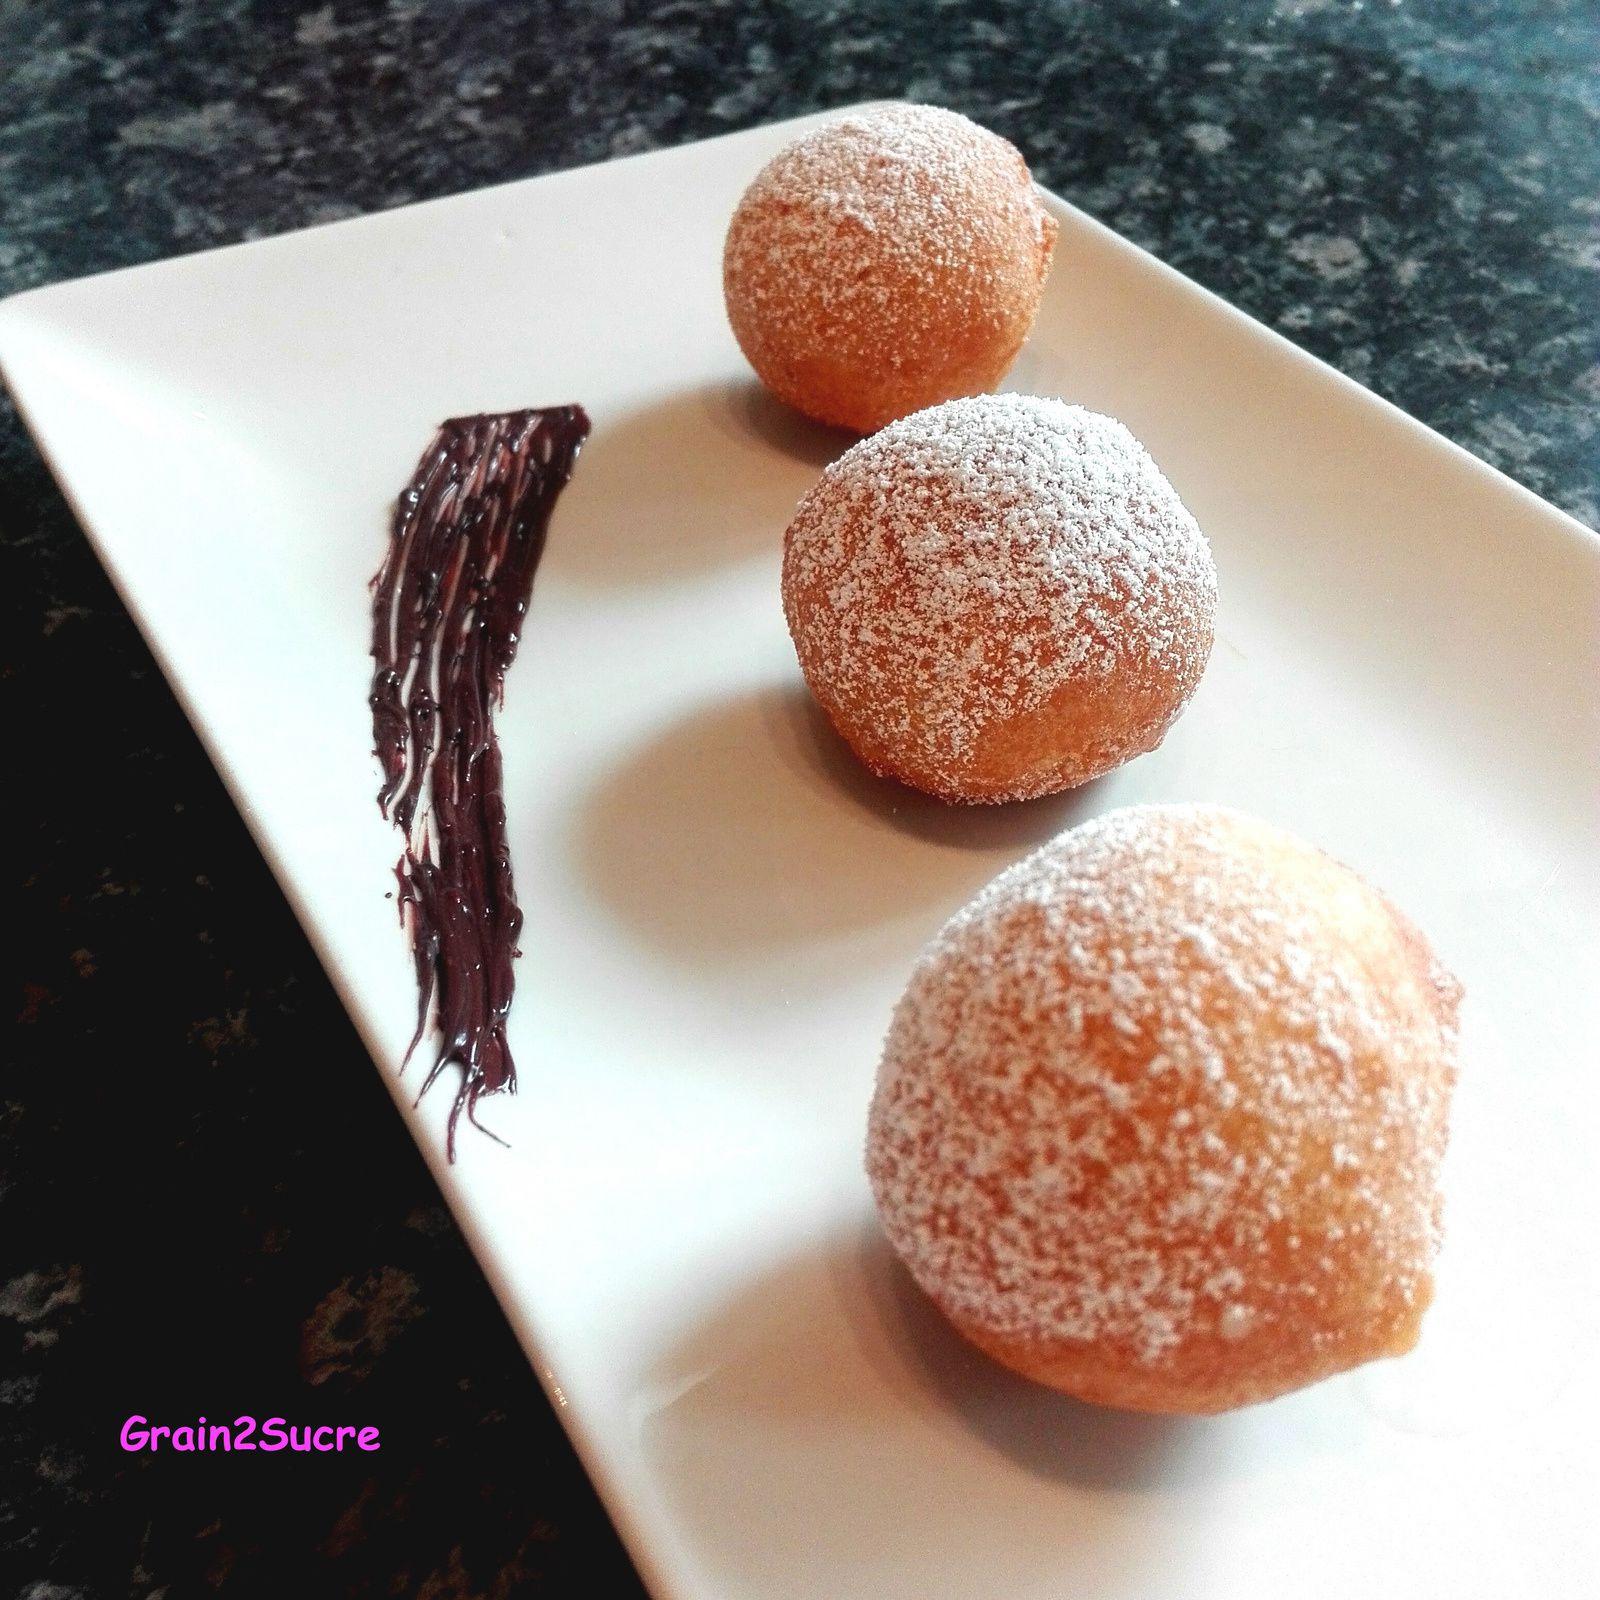 Grain2Sucre. Recette Fritelle Al Limone : farine, œufs, sucre, zeste de citron...